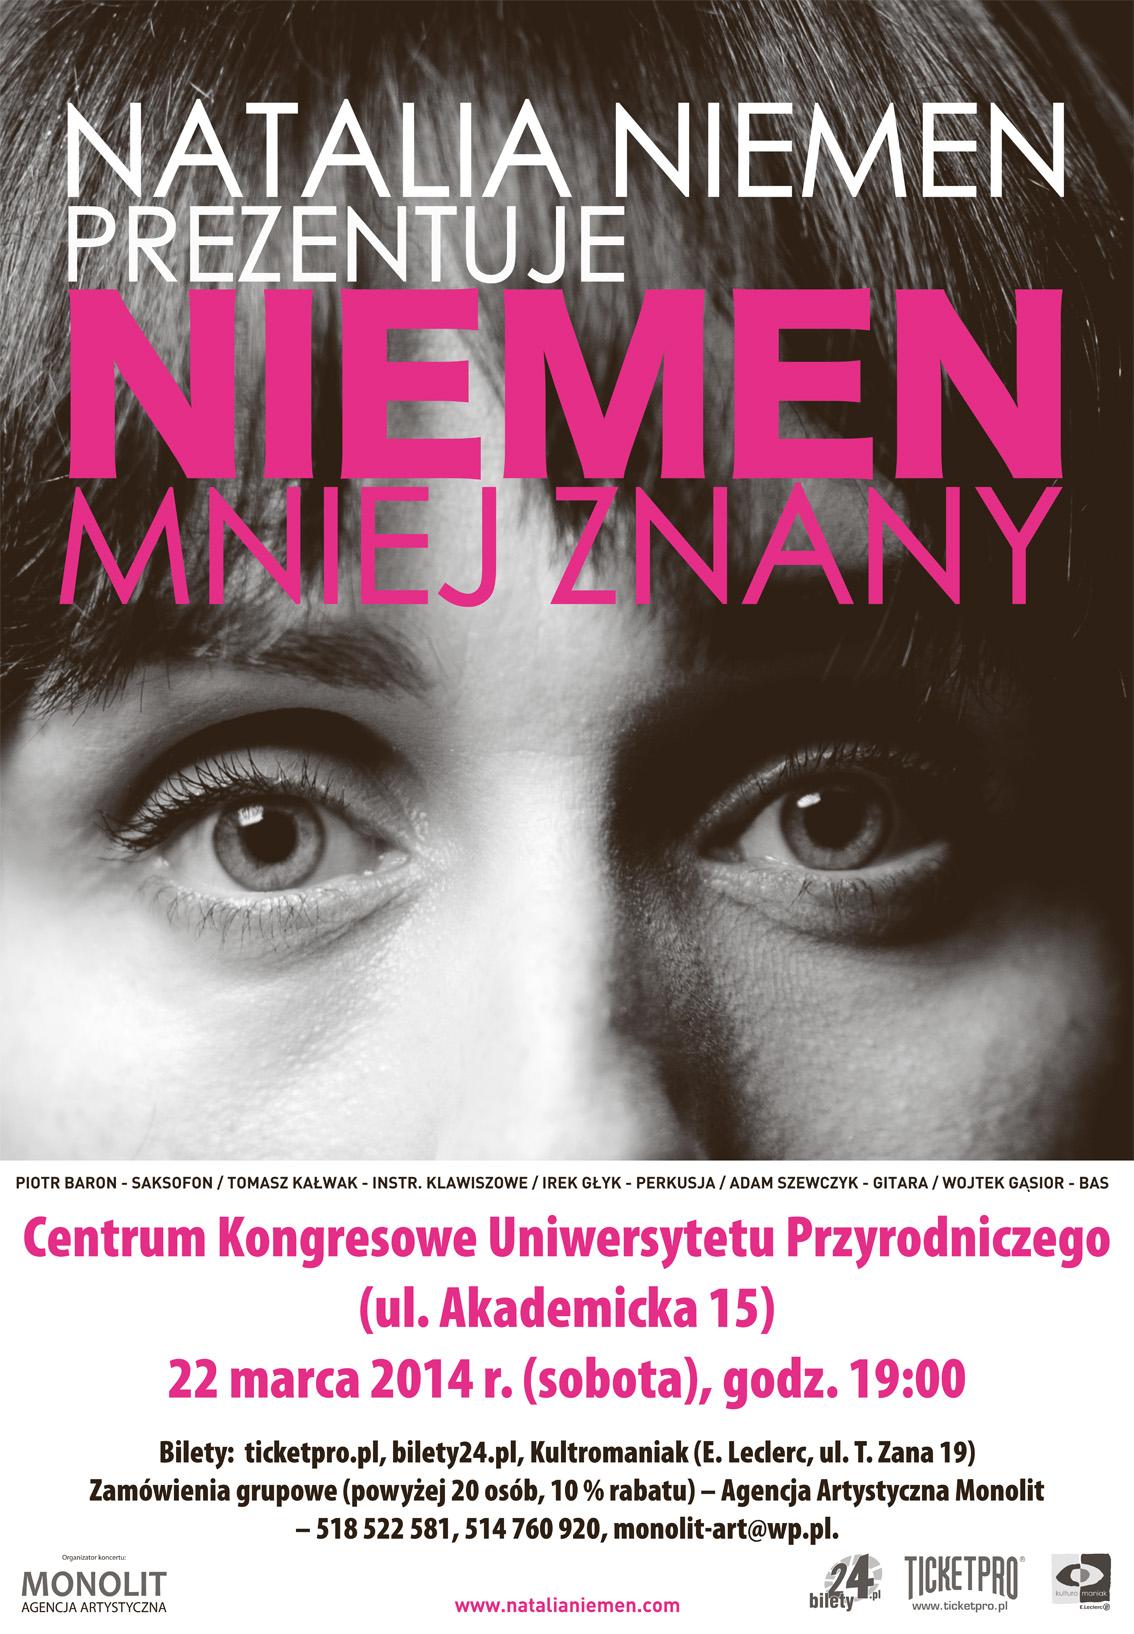 Niemen mniej znany, koncert Natalii Niemen, plakat (źródło: materiały prasowe)